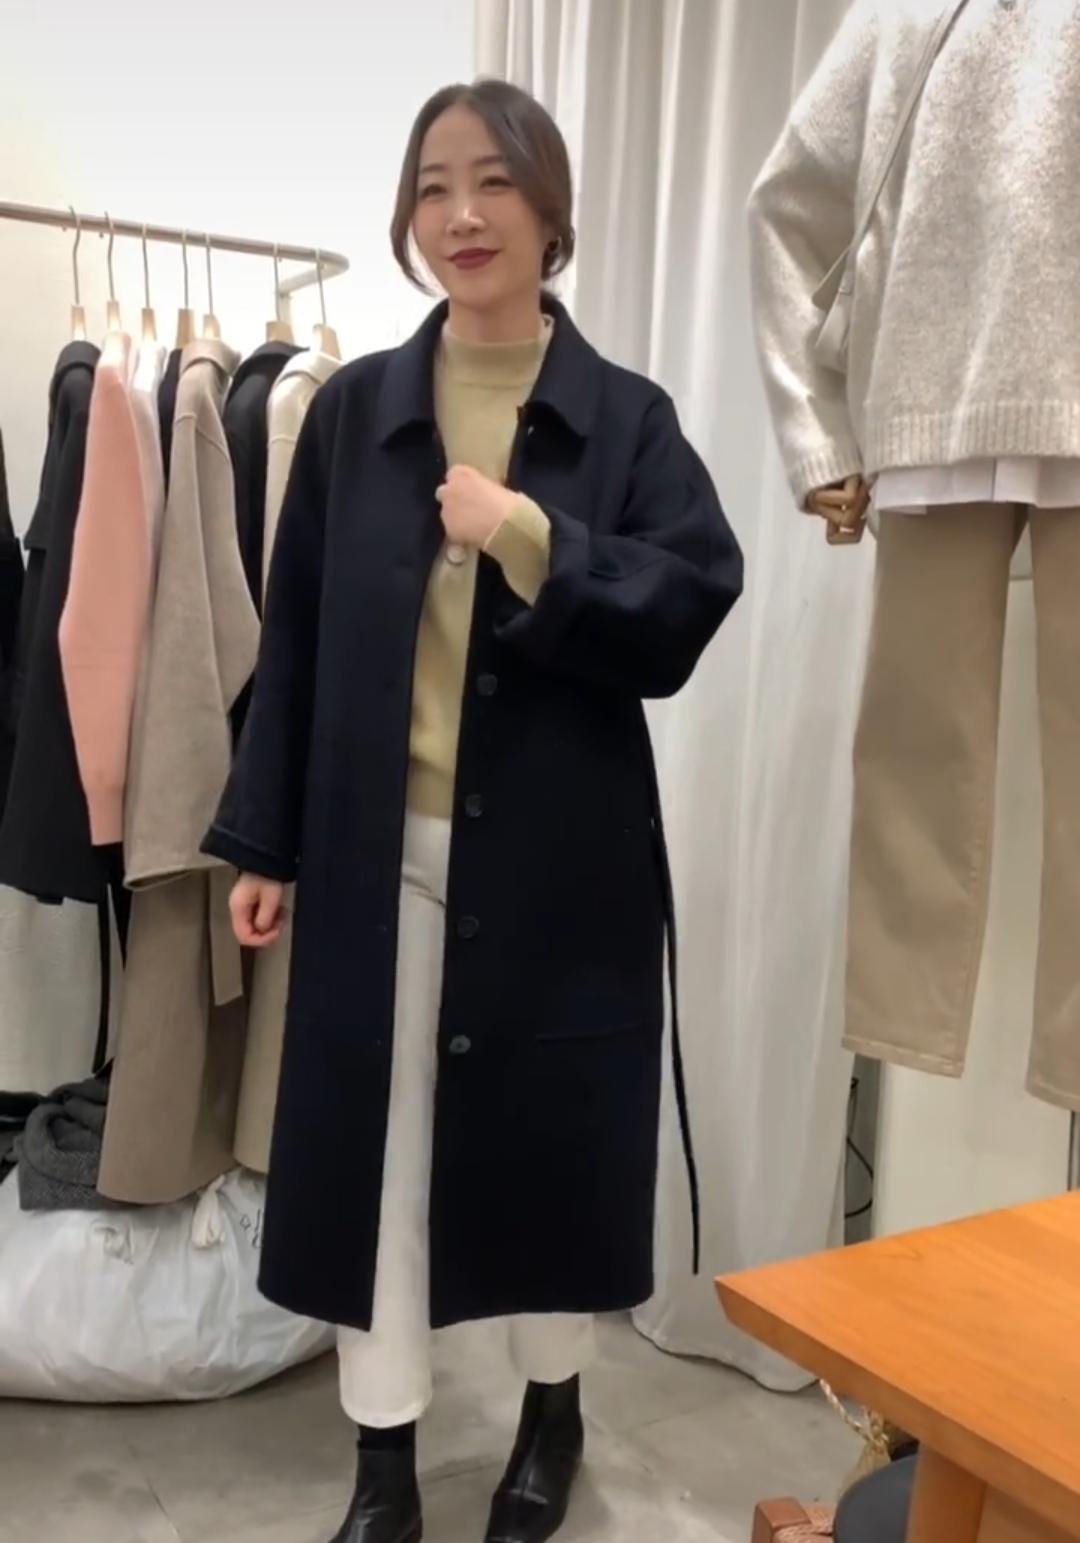 waitmore羊绒大衣双面加厚中长款 2019维多利亚新款赫本风毛呢女